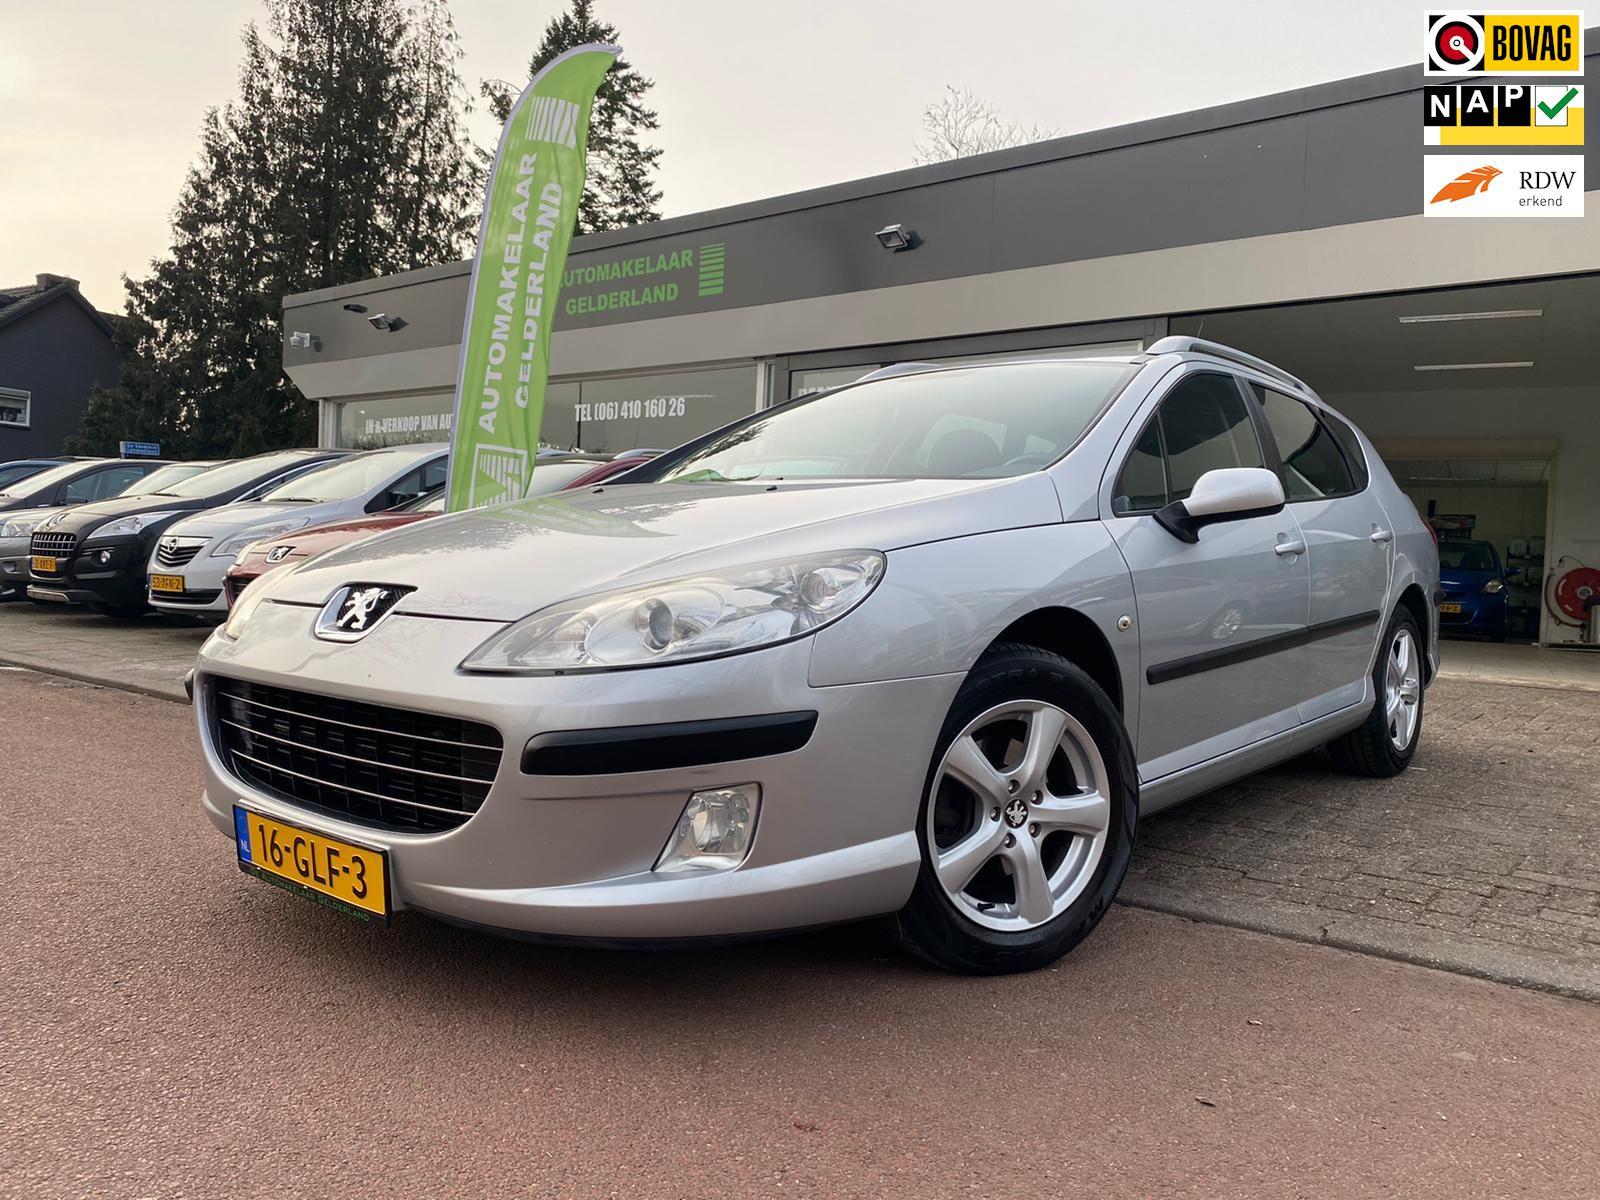 Peugeot 407 SW occasion - De Automakelaar Gelderland